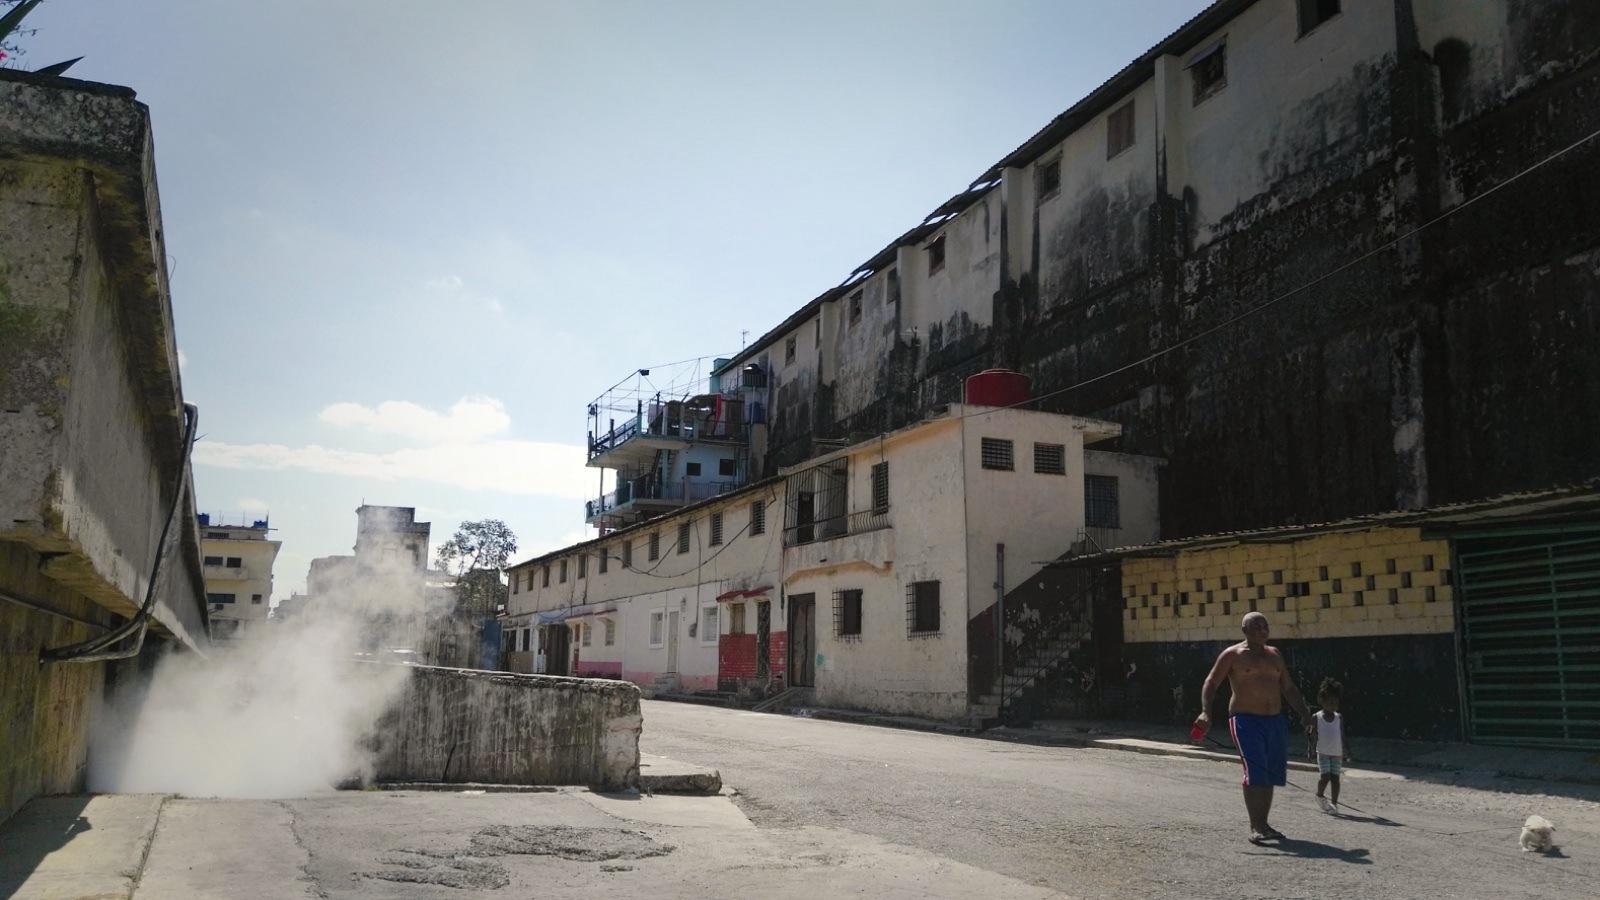 La Habana by Mayra Ramirez